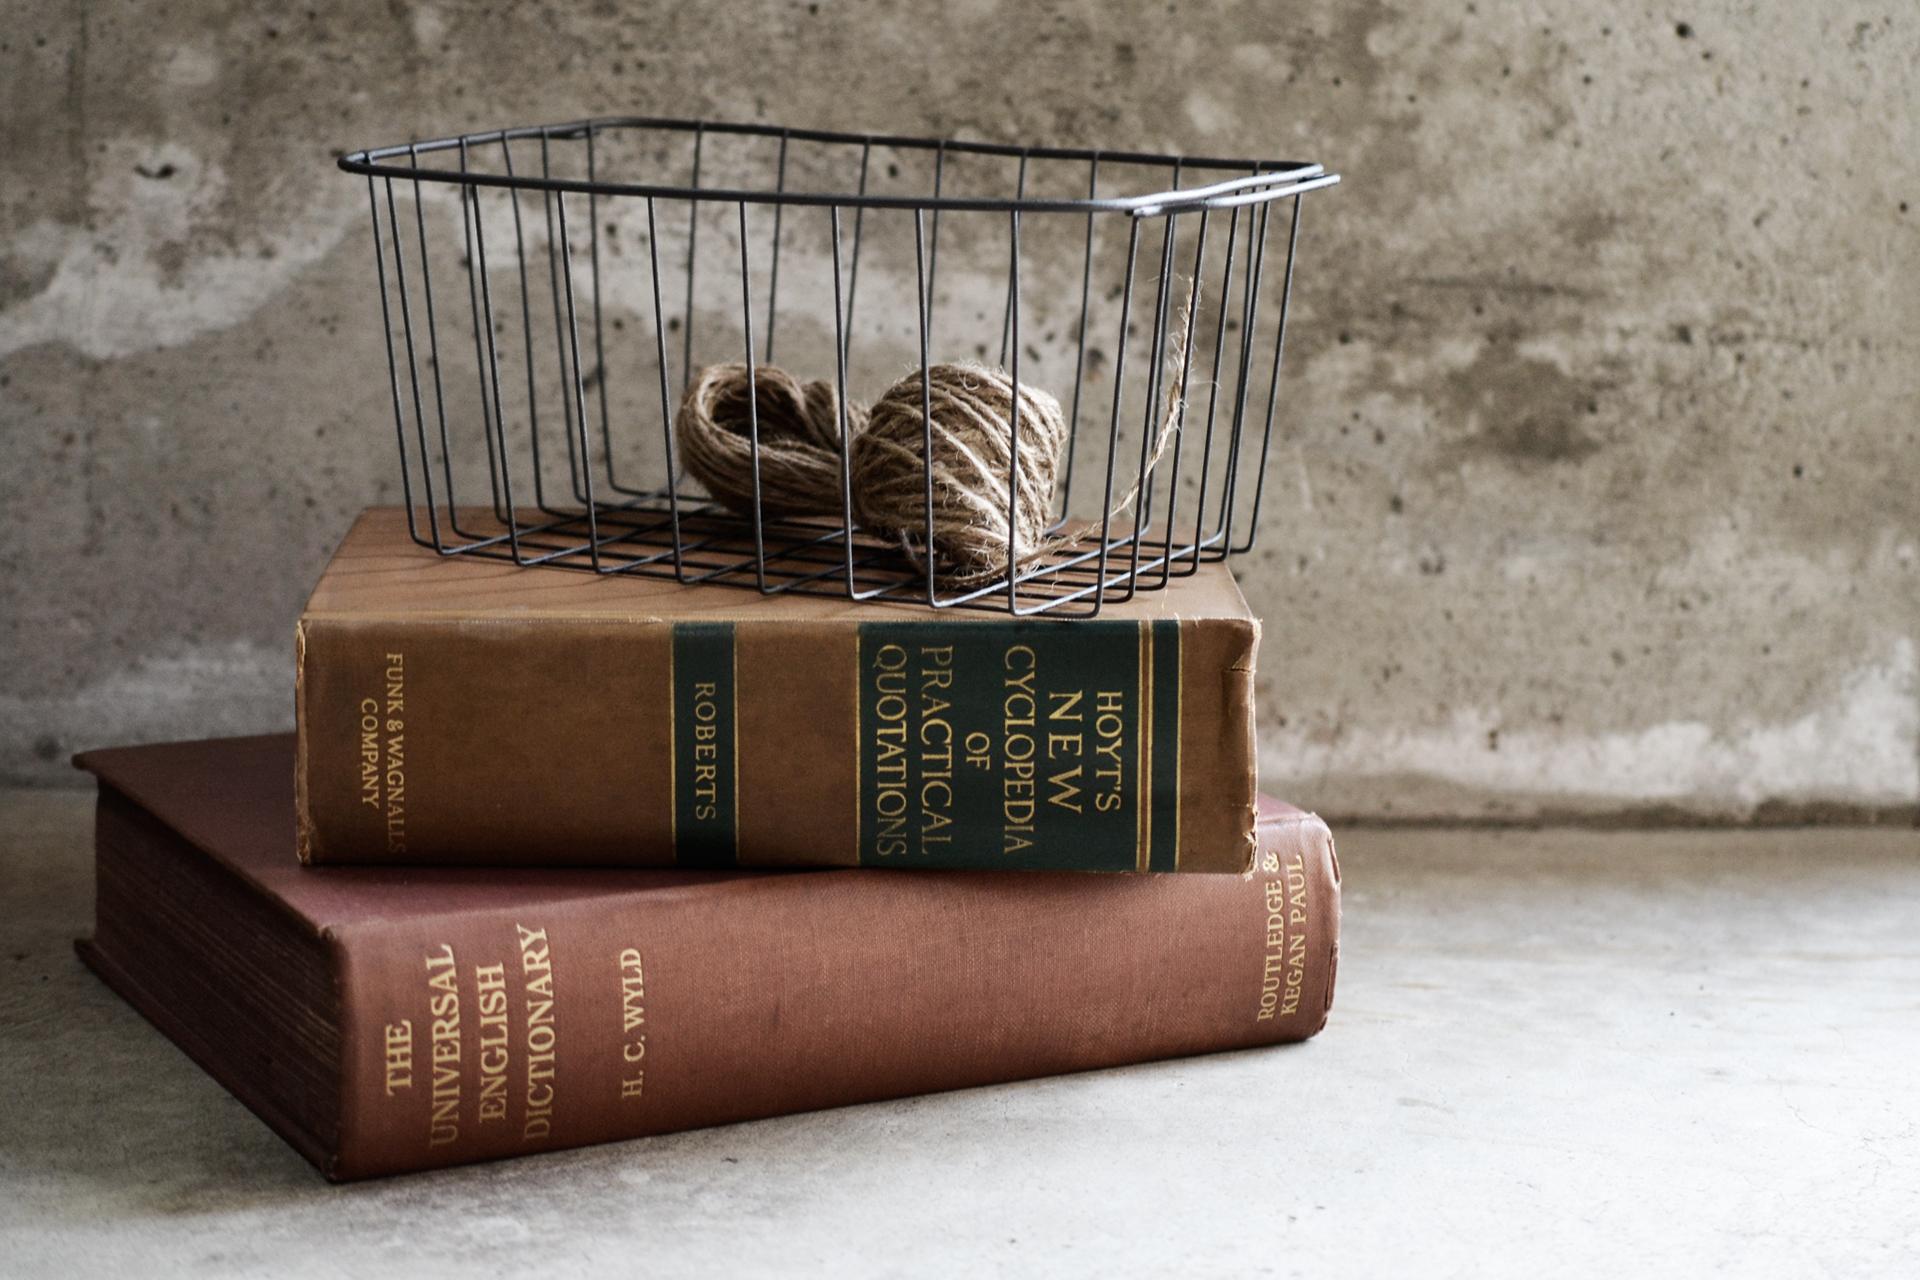 本の上にワイヤーバスケットを置いたディスプレイ